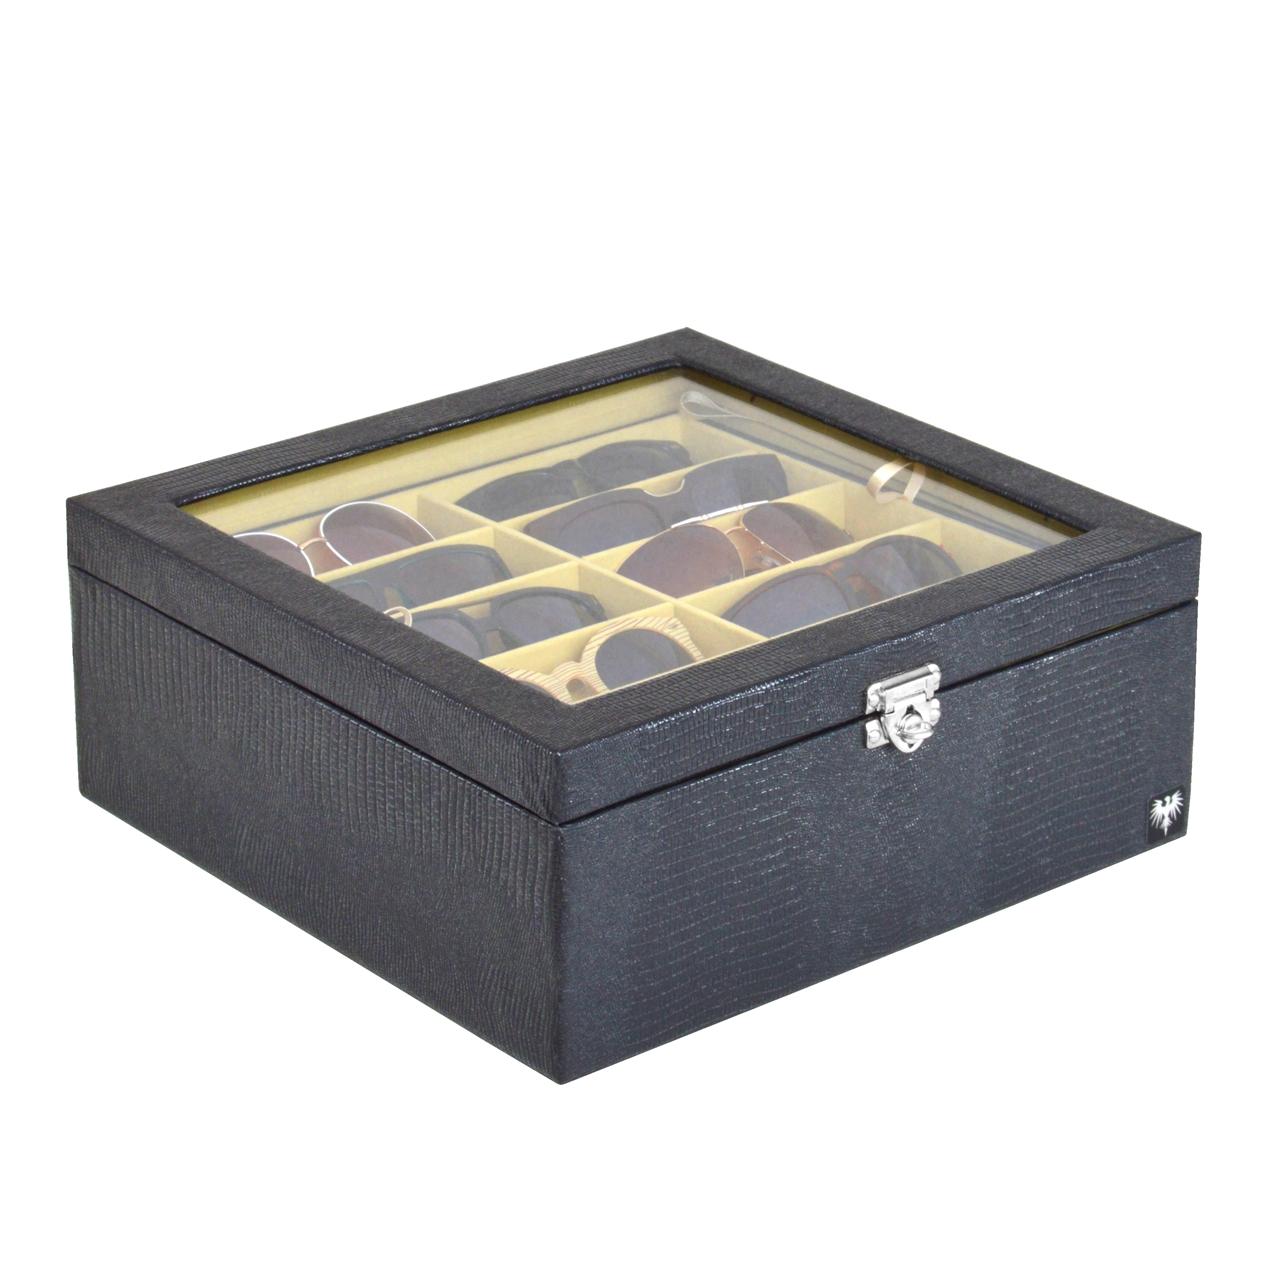 estojo-couro-ecologico-20-oculos-preto-bege-porta-caixa-imagem-2.jpg